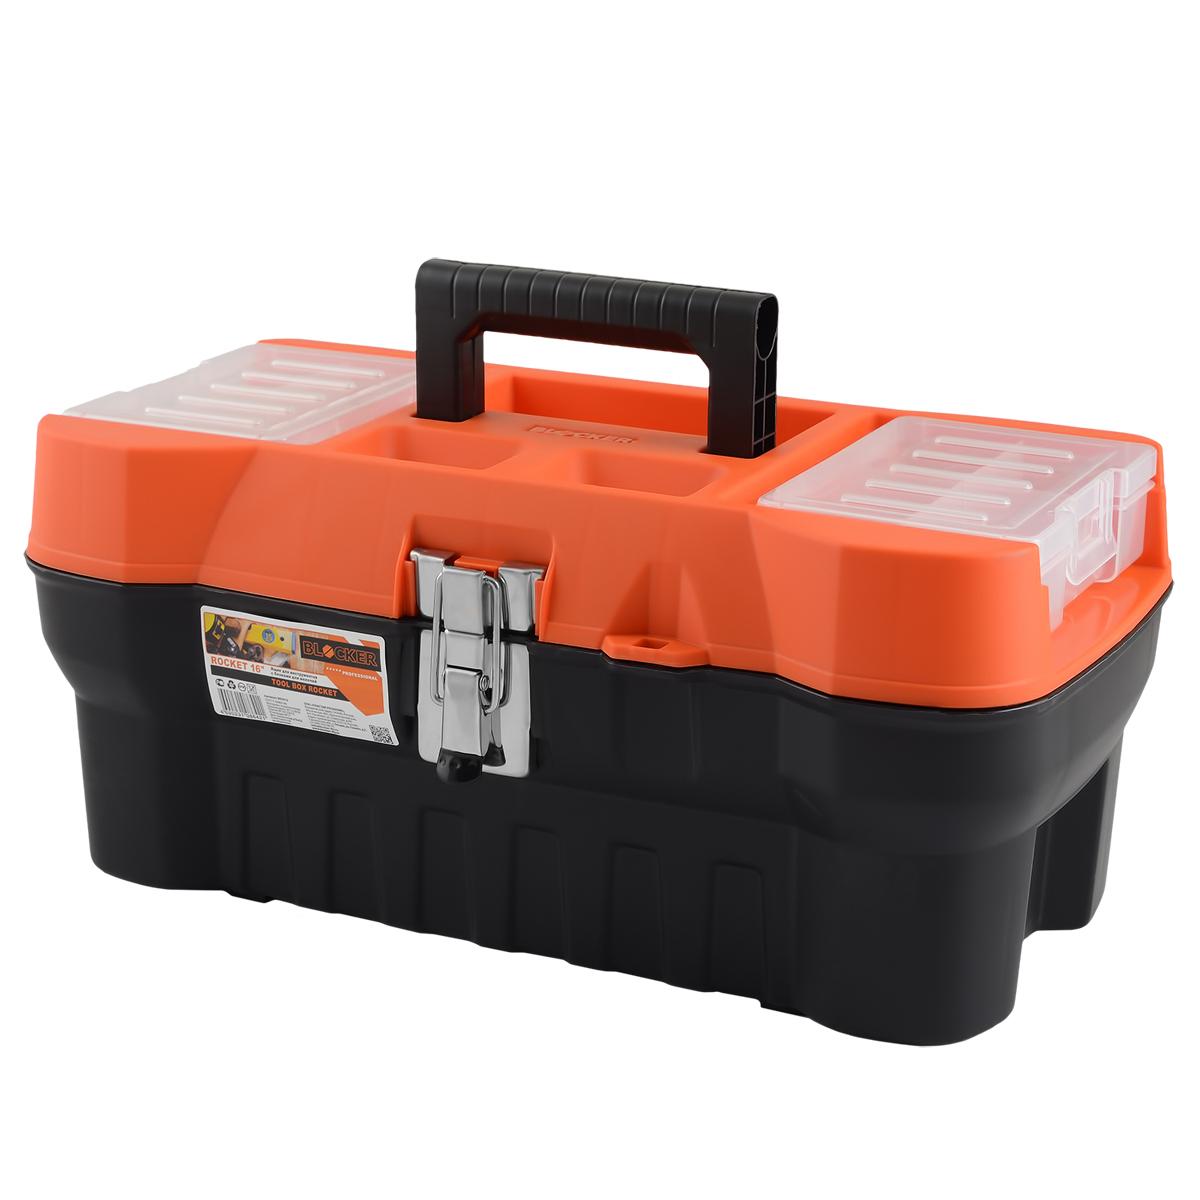 Ящик для инструментов Blocker Rocket, цвет: черный, оранжевый, 408 х 210 х 180 мм98295719Современный, функциональный и продвинутый ящик Blocker Rocket предназначен для хранения и переноски инструментов. Стальной замок помогает ящику выдерживать повышенную нагрузку. Крышка снабжена блоками для хранения мелких скобяных изделий.